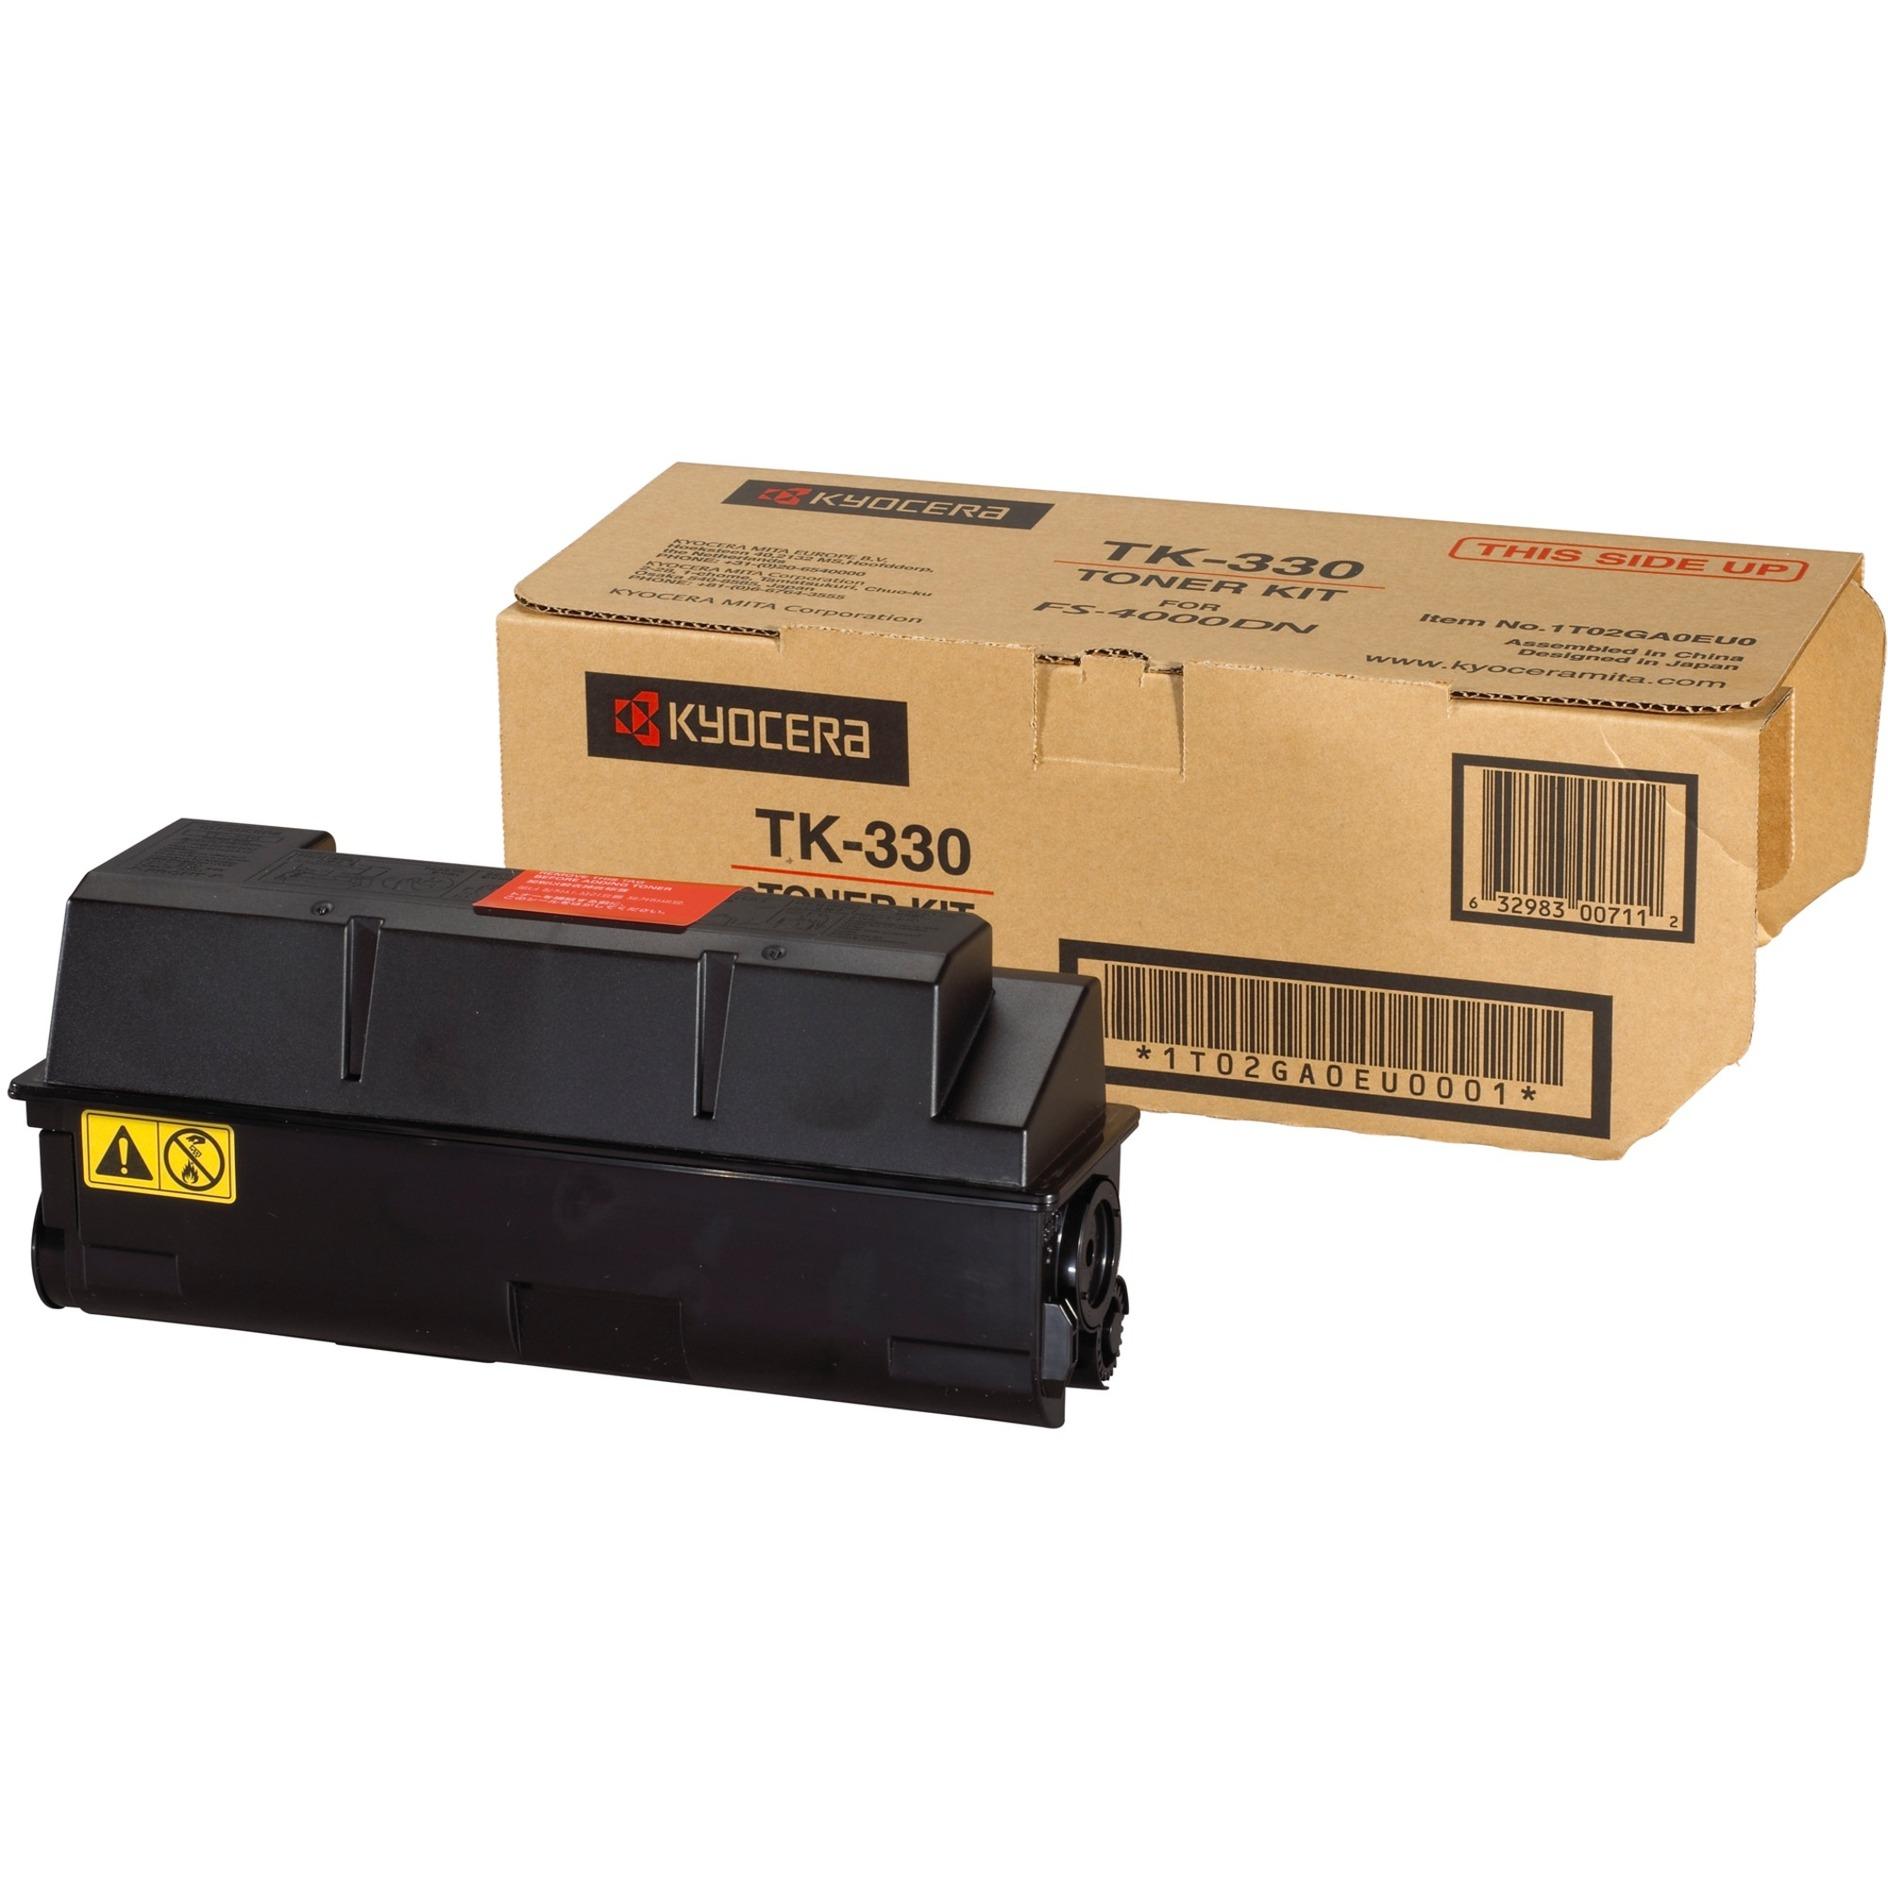 1T02GA0EUC 20000páginas Negro tóner y cartucho láser